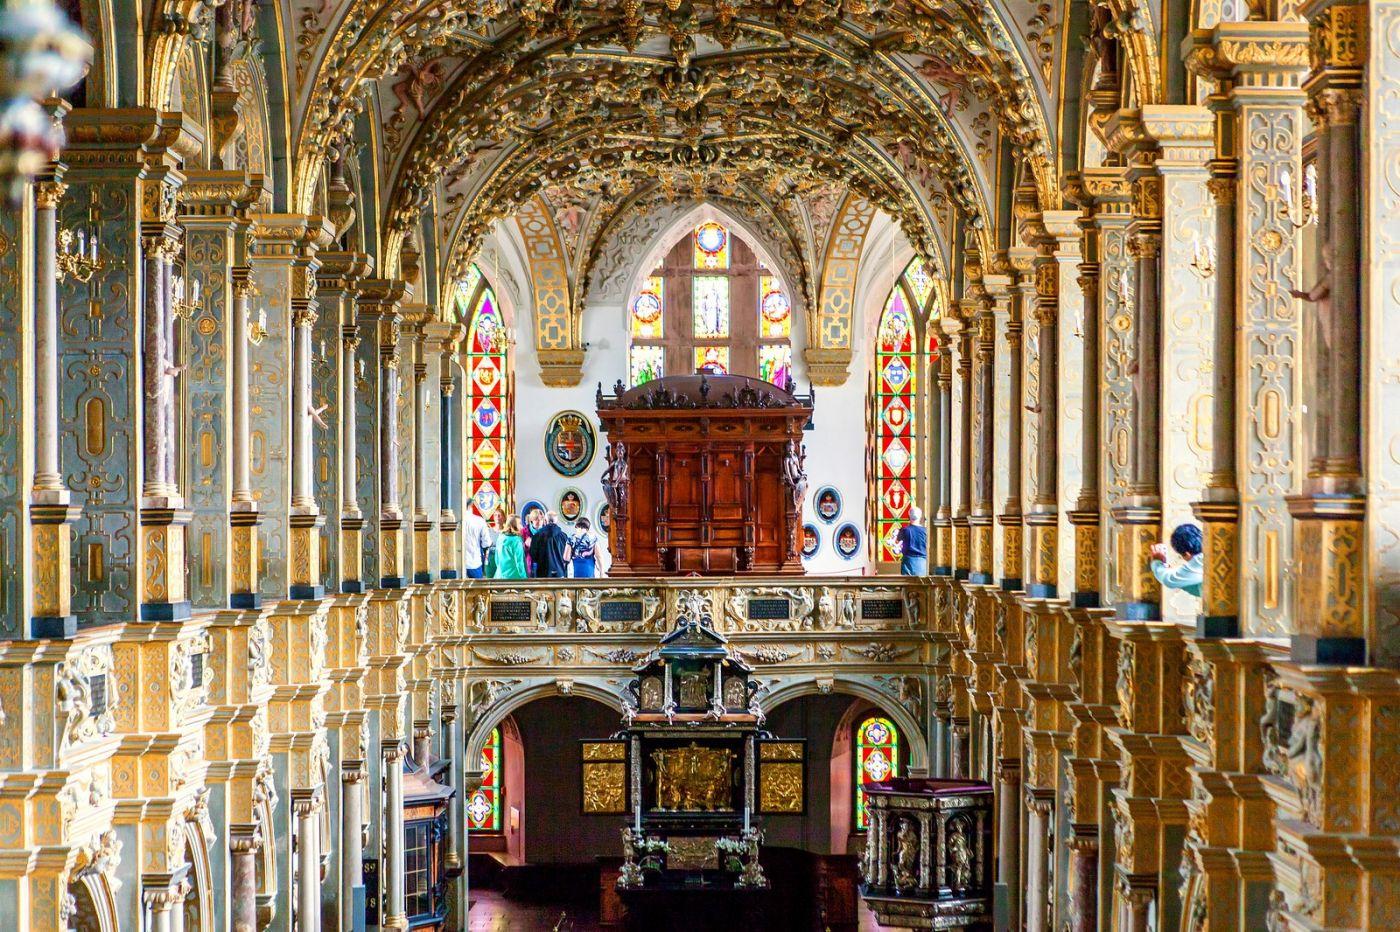 丹麦腓特烈堡城堡,很惊叹主厅吊顶_图1-18